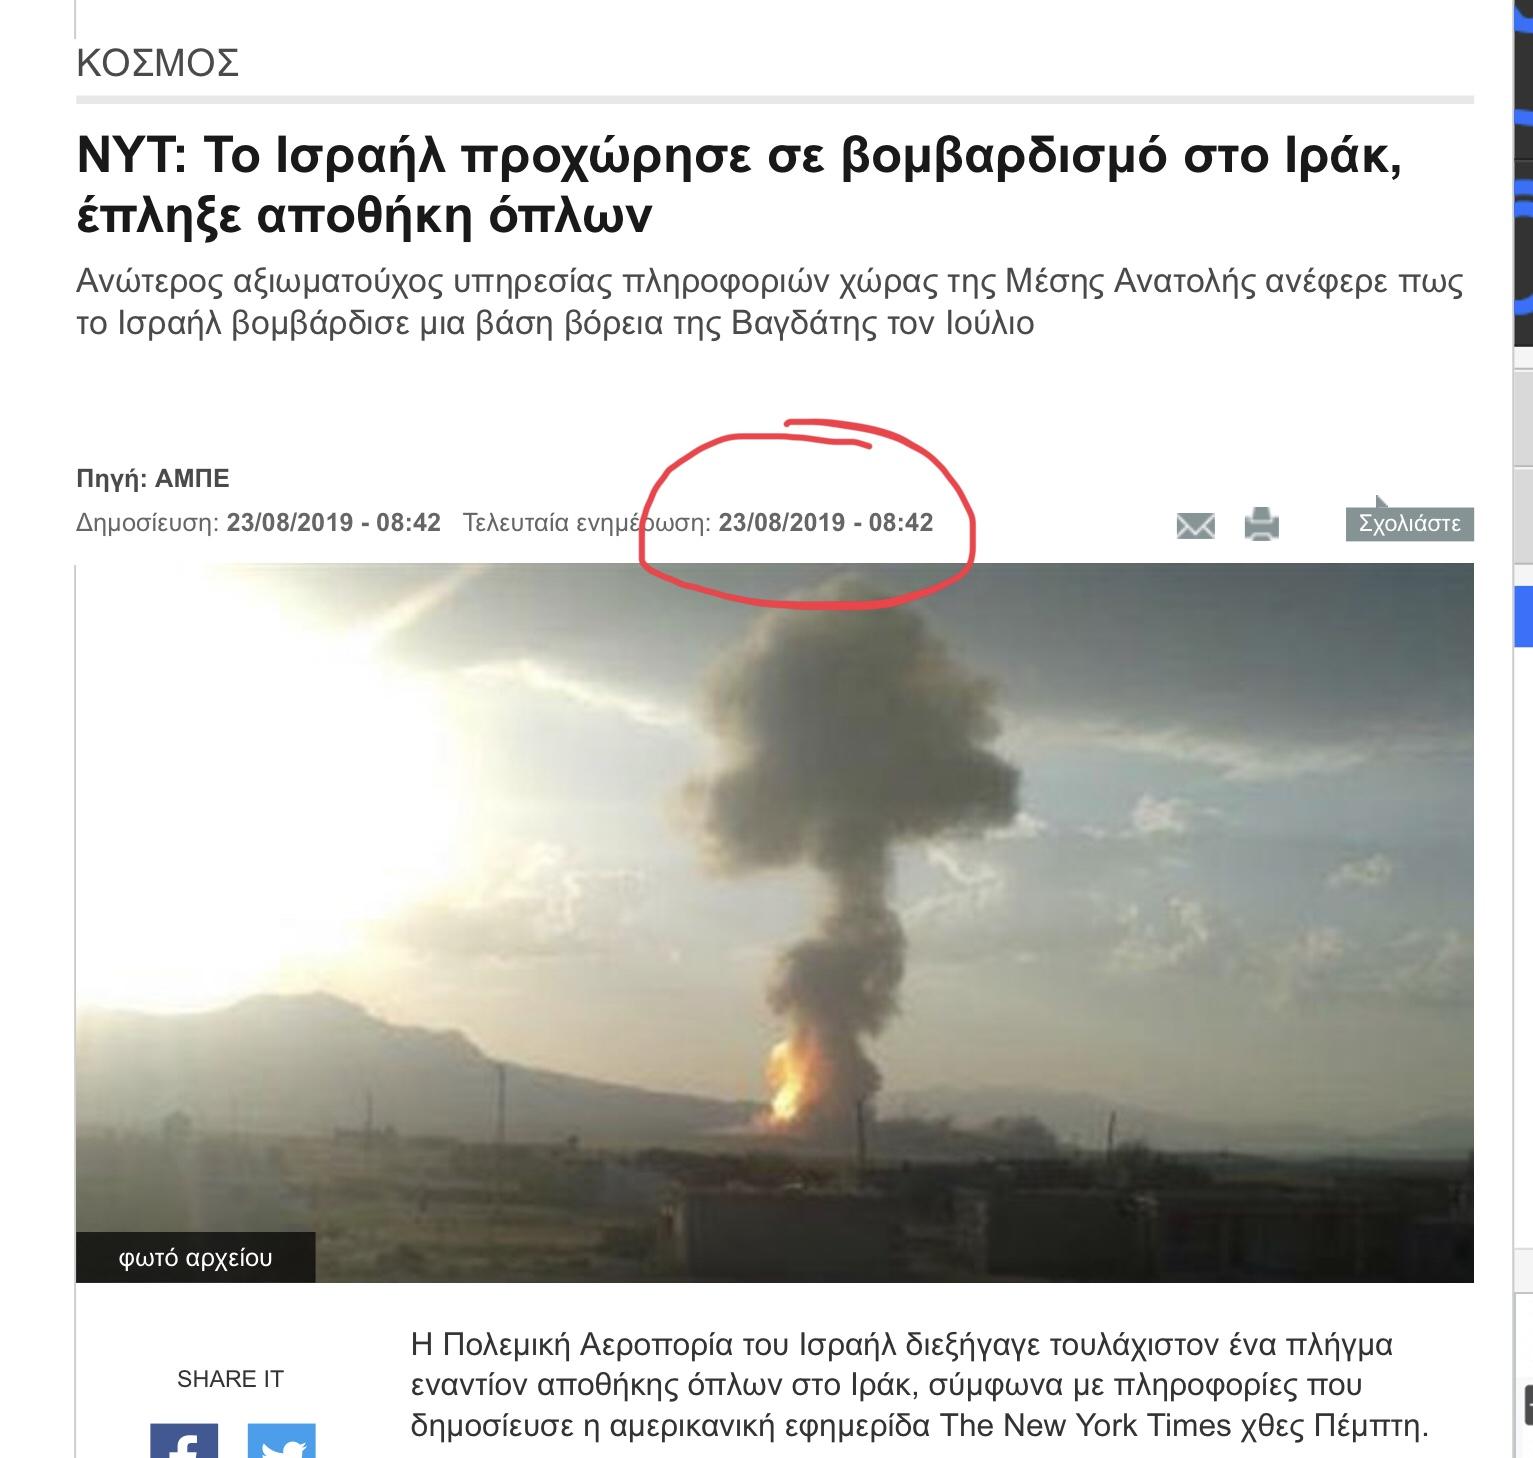 Πλήρης επιβεβαίωση του Ολυμπία για την επίθεση Ισραήλ στο Ιράκ.